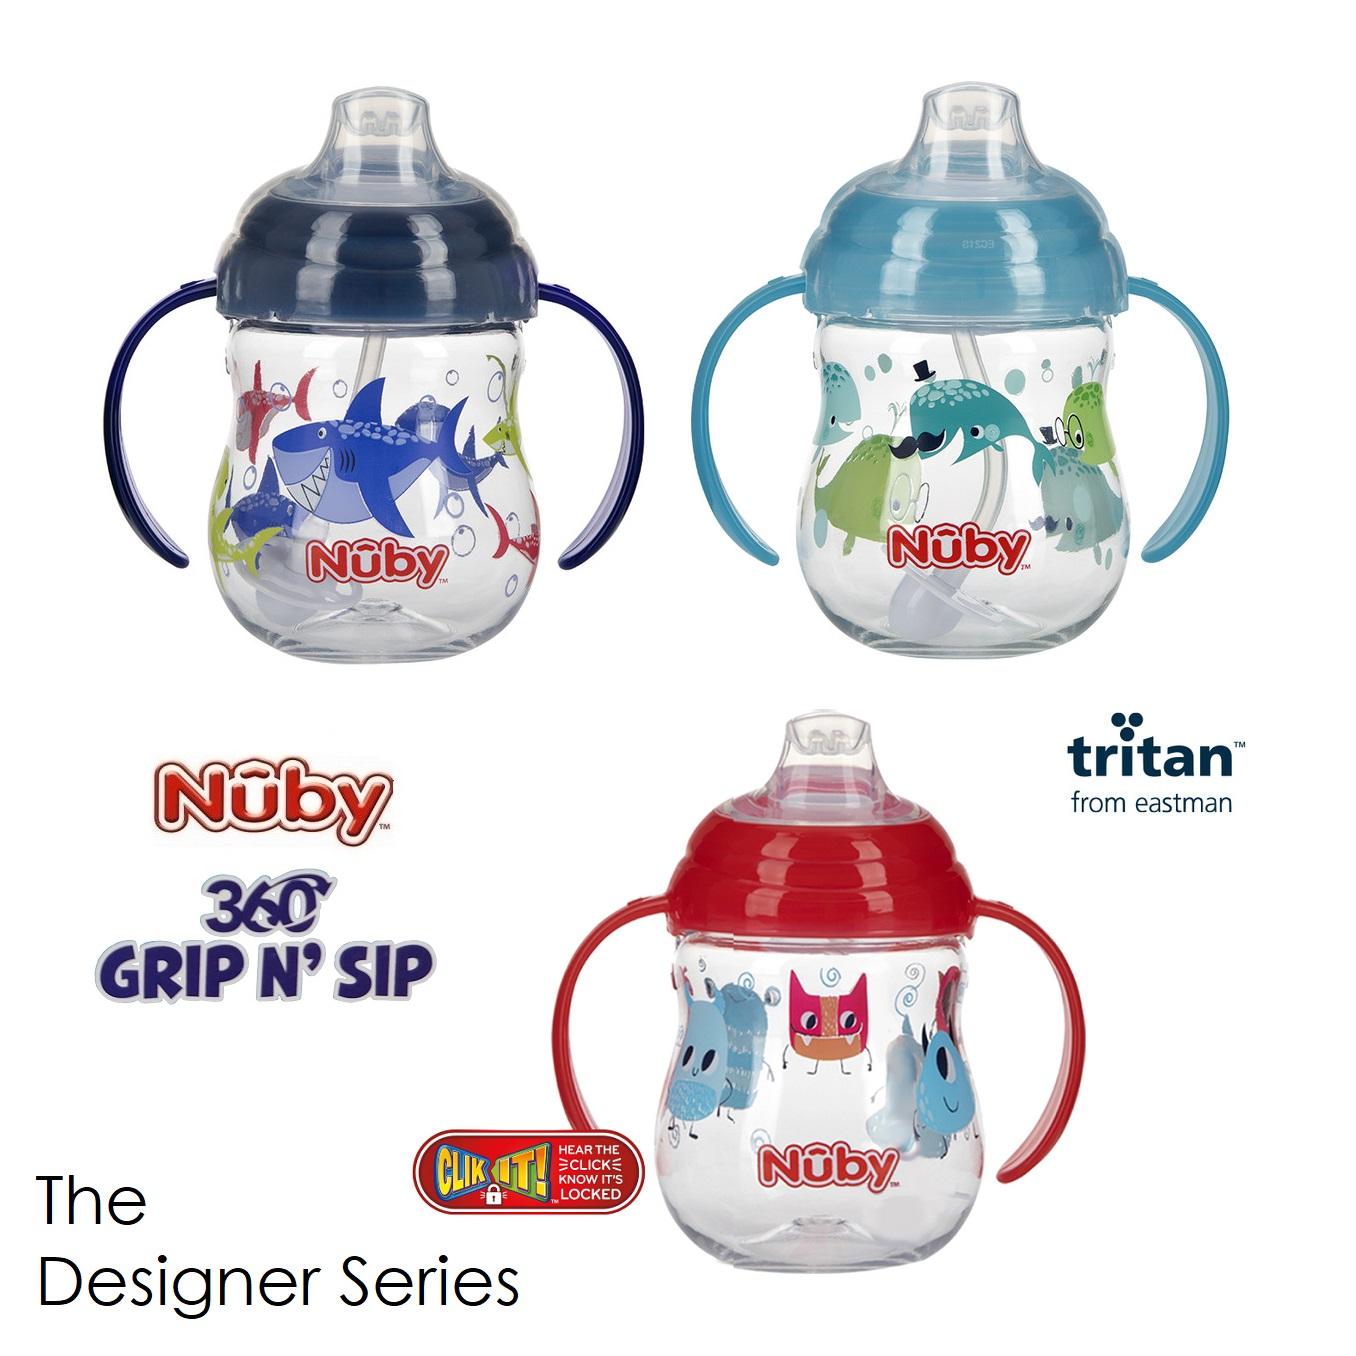 Nuby Grip N Sip The Designer Series (1)